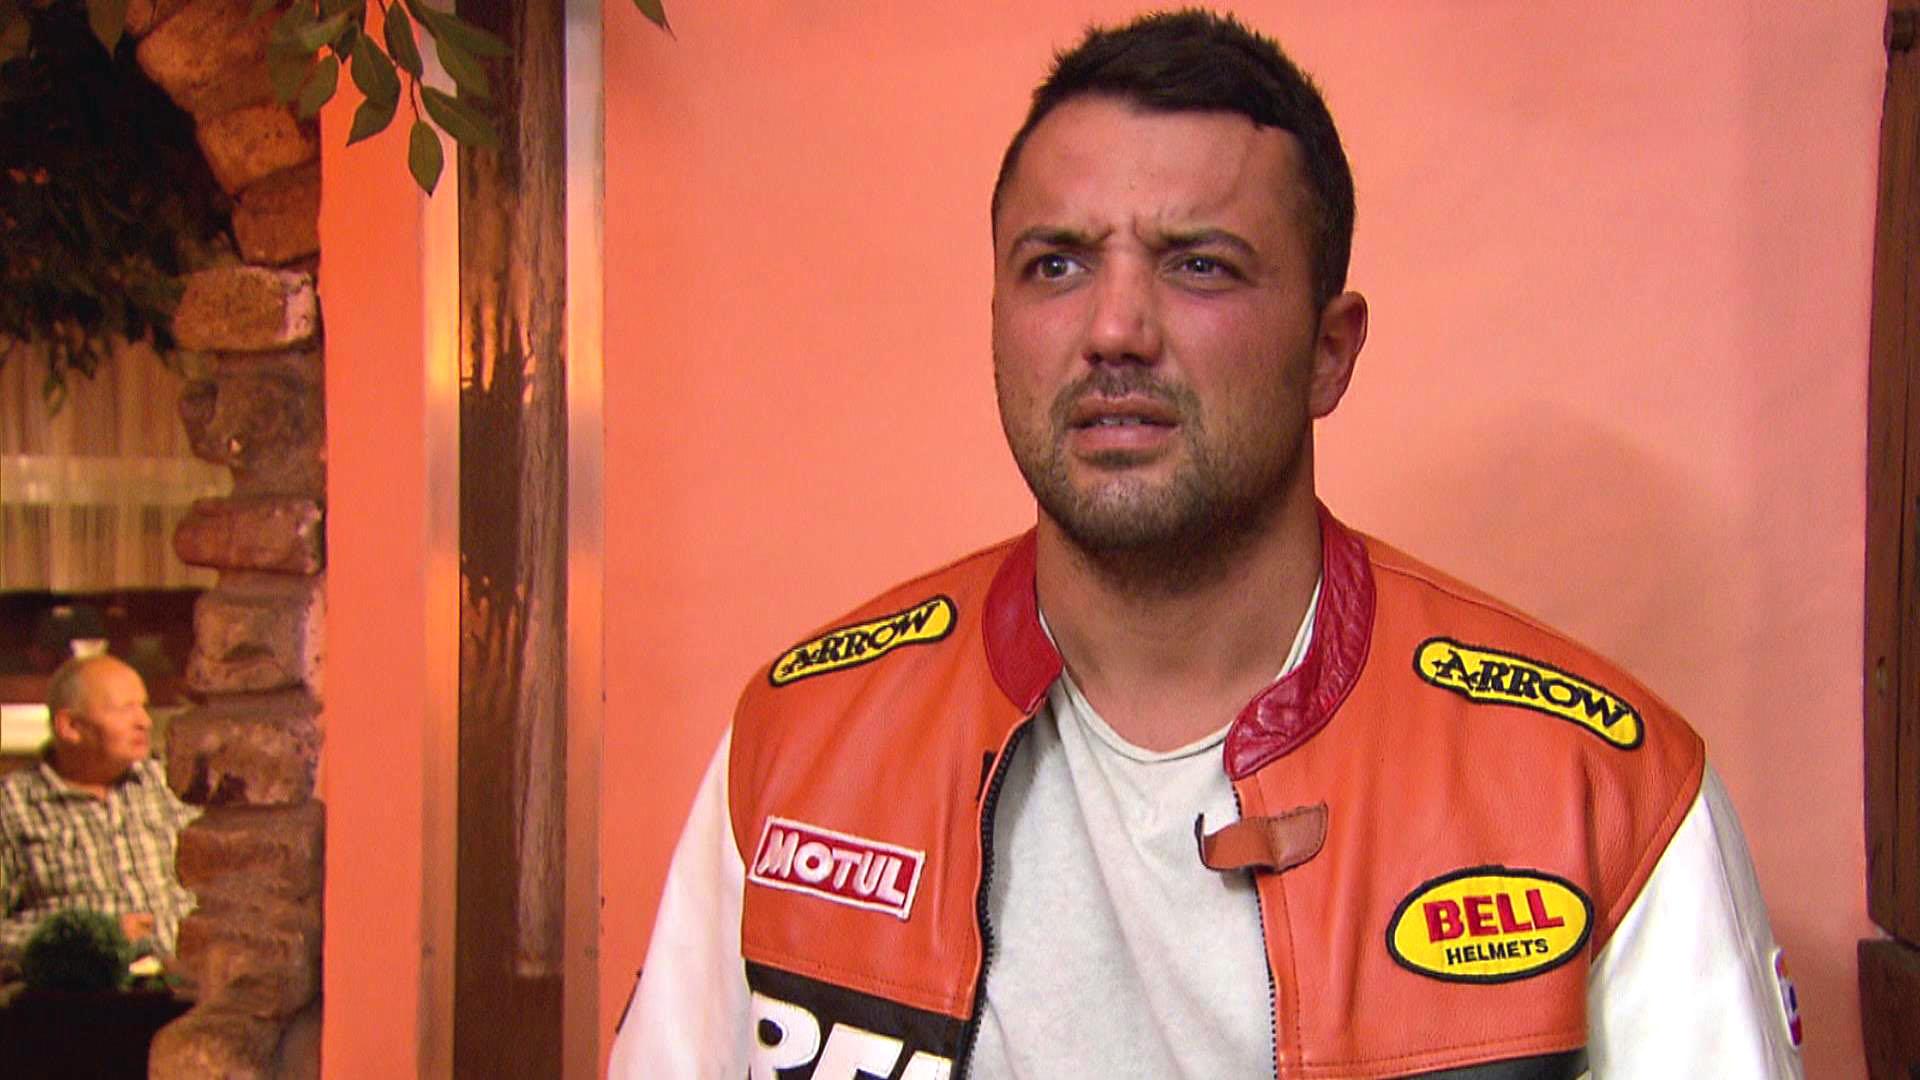 Manu (Bild) muss ständig an den Streit mit Sam denken und freut sich daher auf den Motorradausflug mit Jack und Alex. (Quelle: RTL 2)